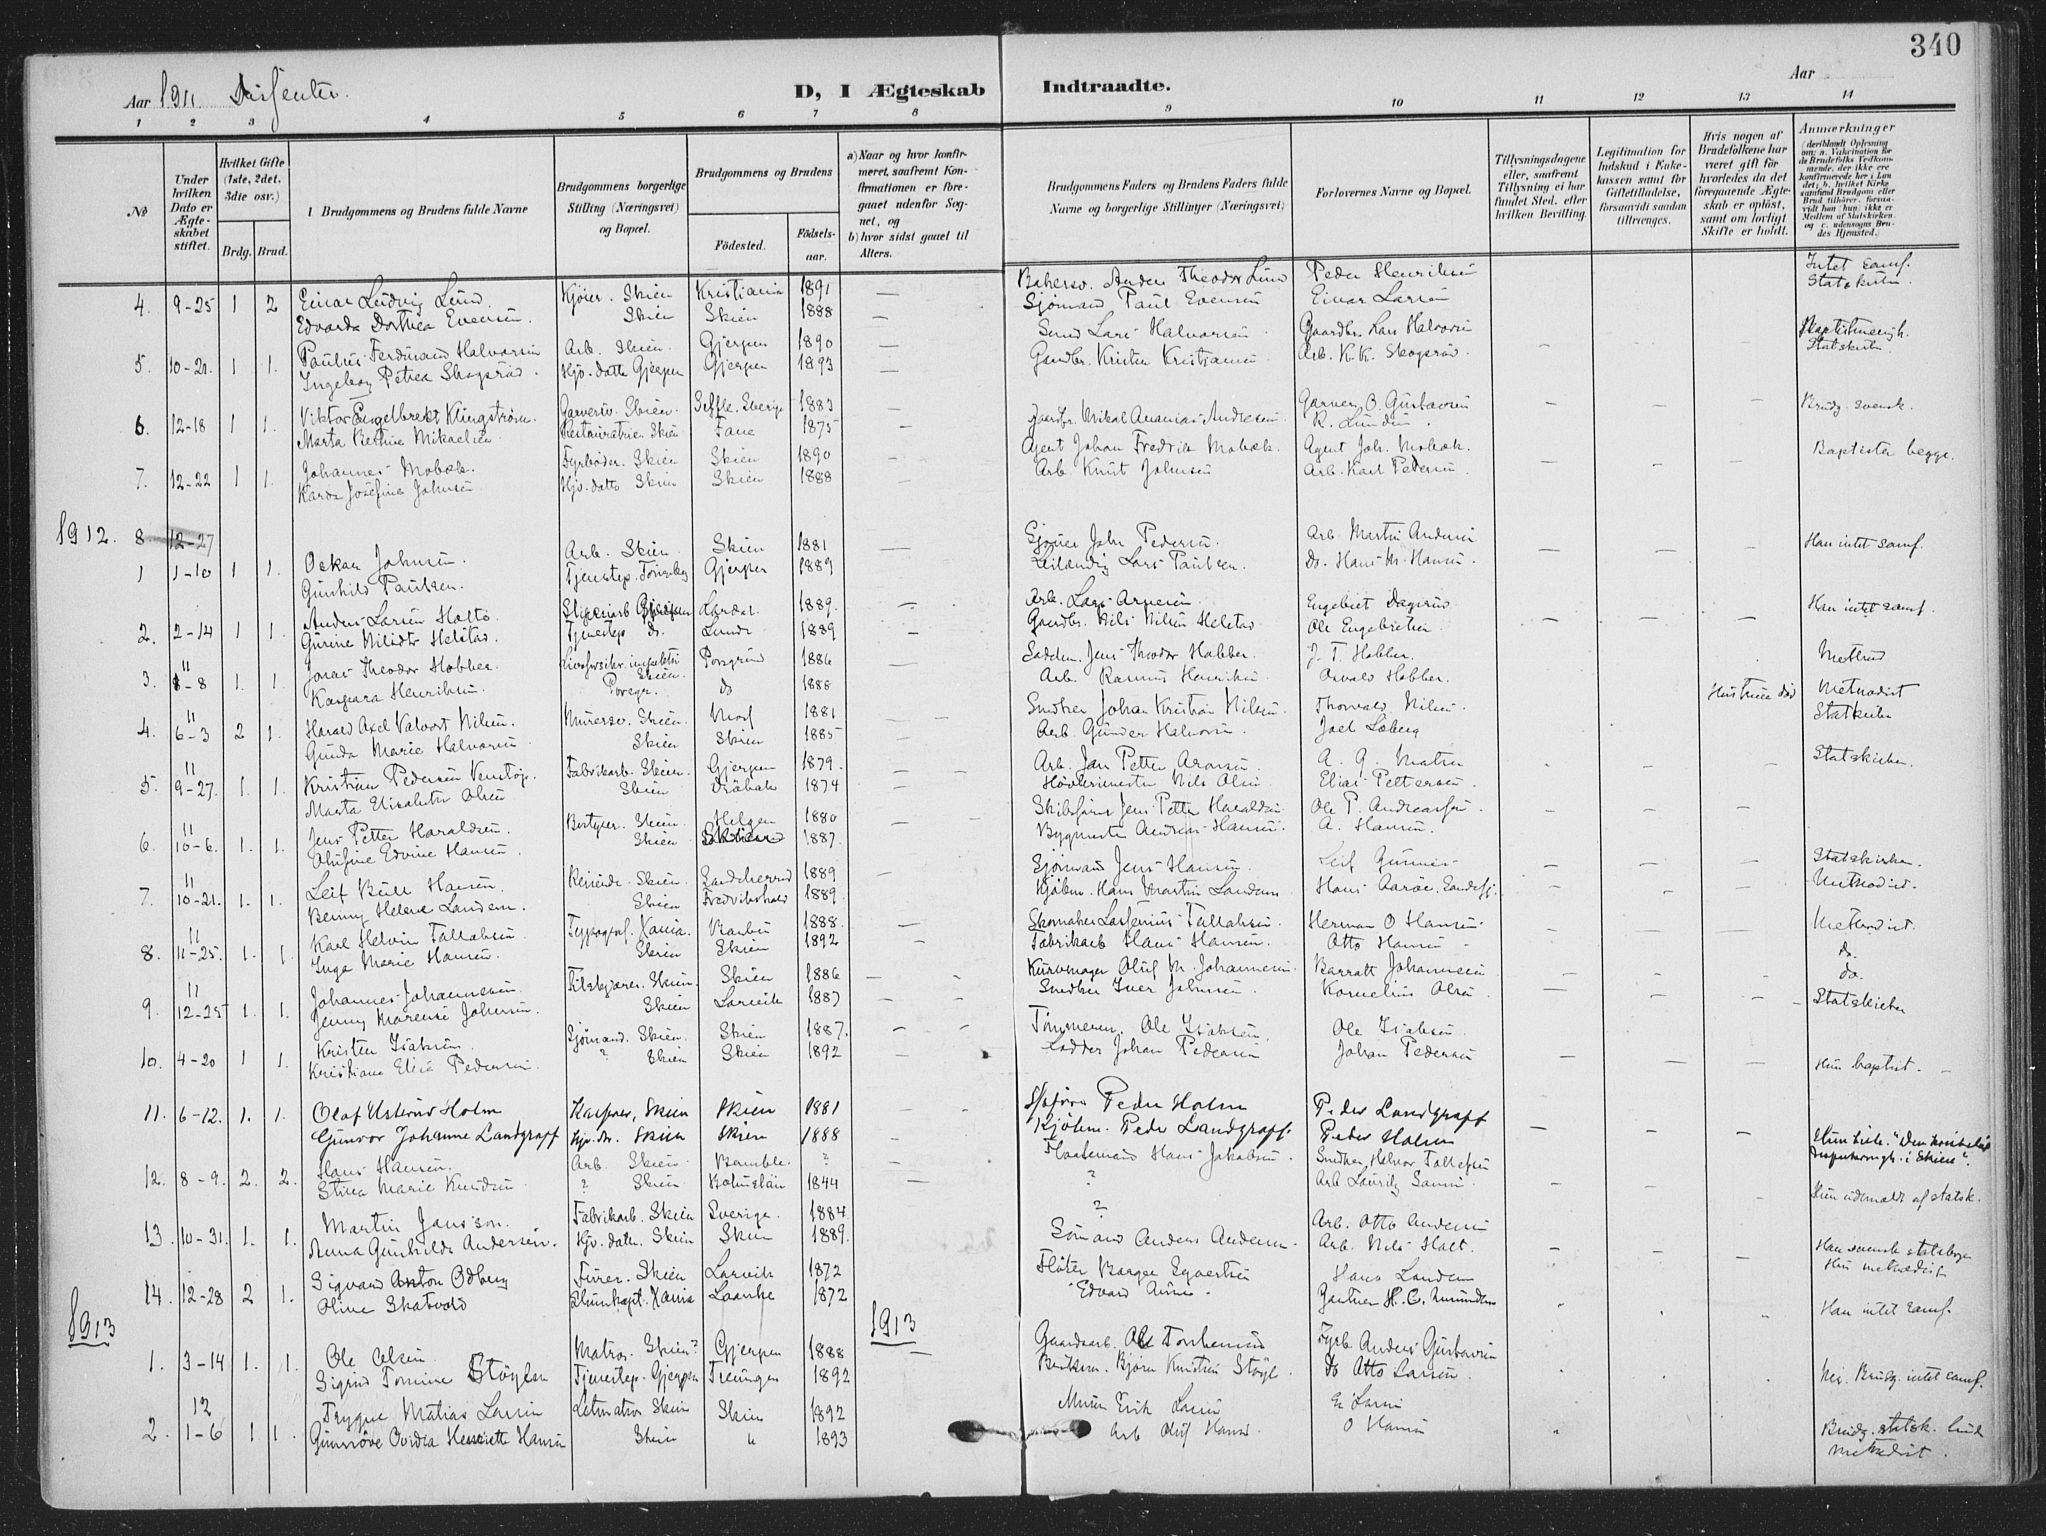 SAKO, Skien kirkebøker, F/Fa/L0012: Ministerialbok nr. 12, 1908-1914, s. 340